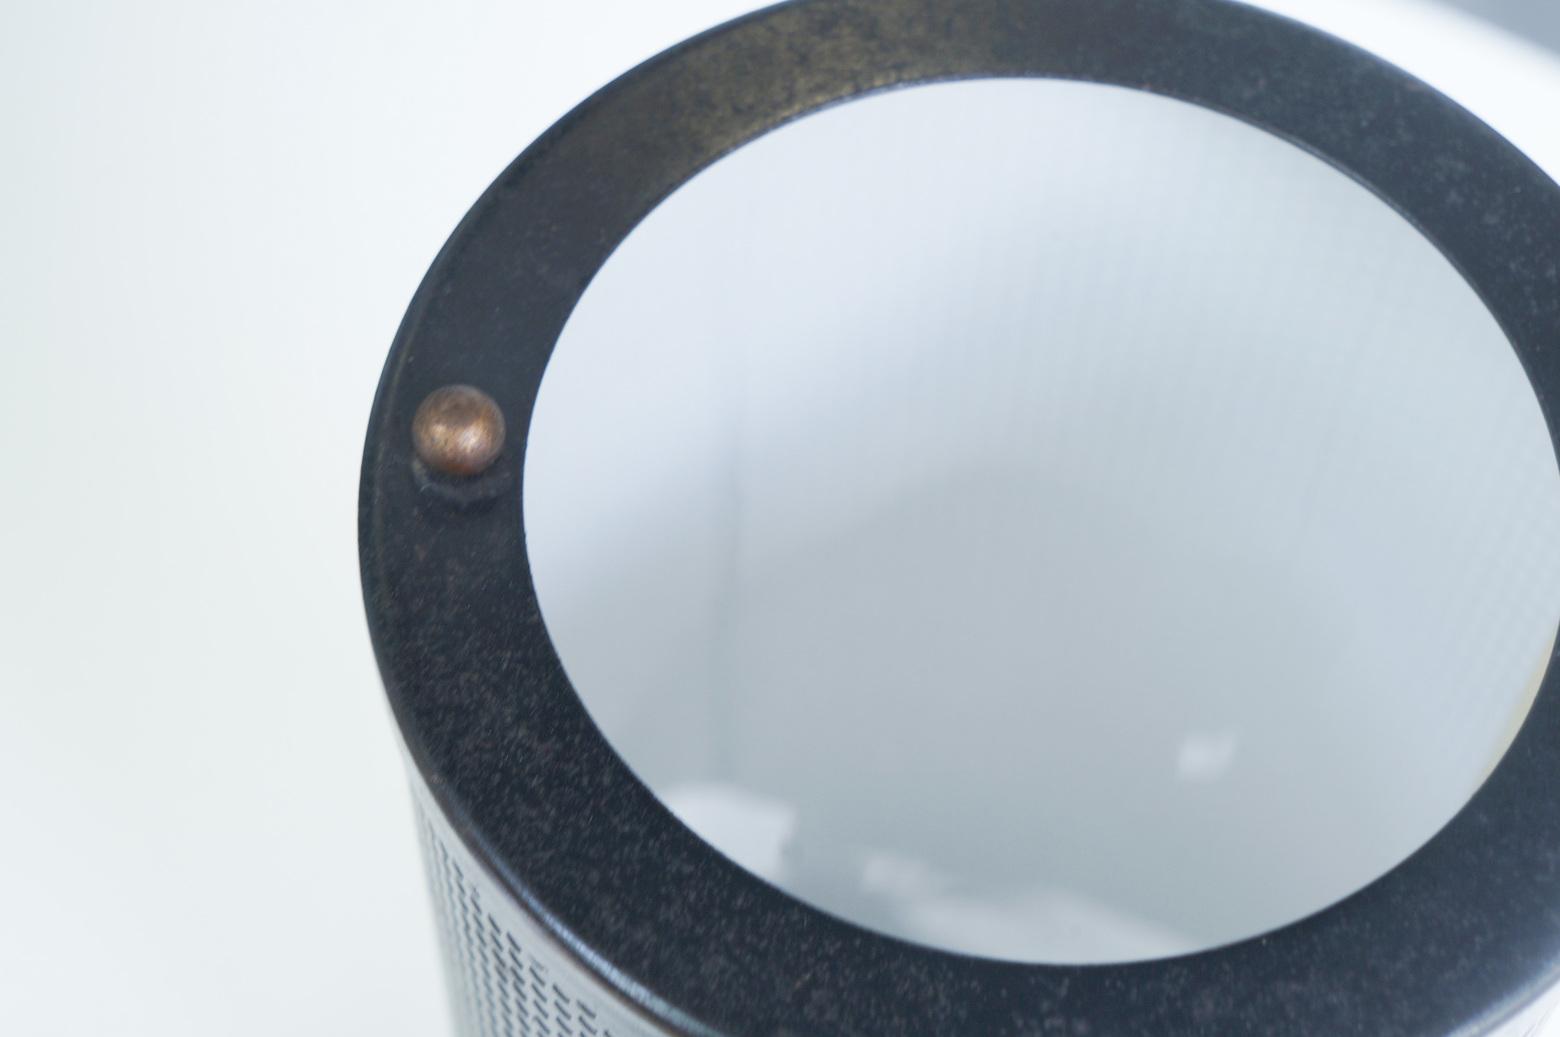 US Vintage Iron Mesh Table Lamp/アメリカ ヴィンテージ アイアン メッシュ テーブルランプ